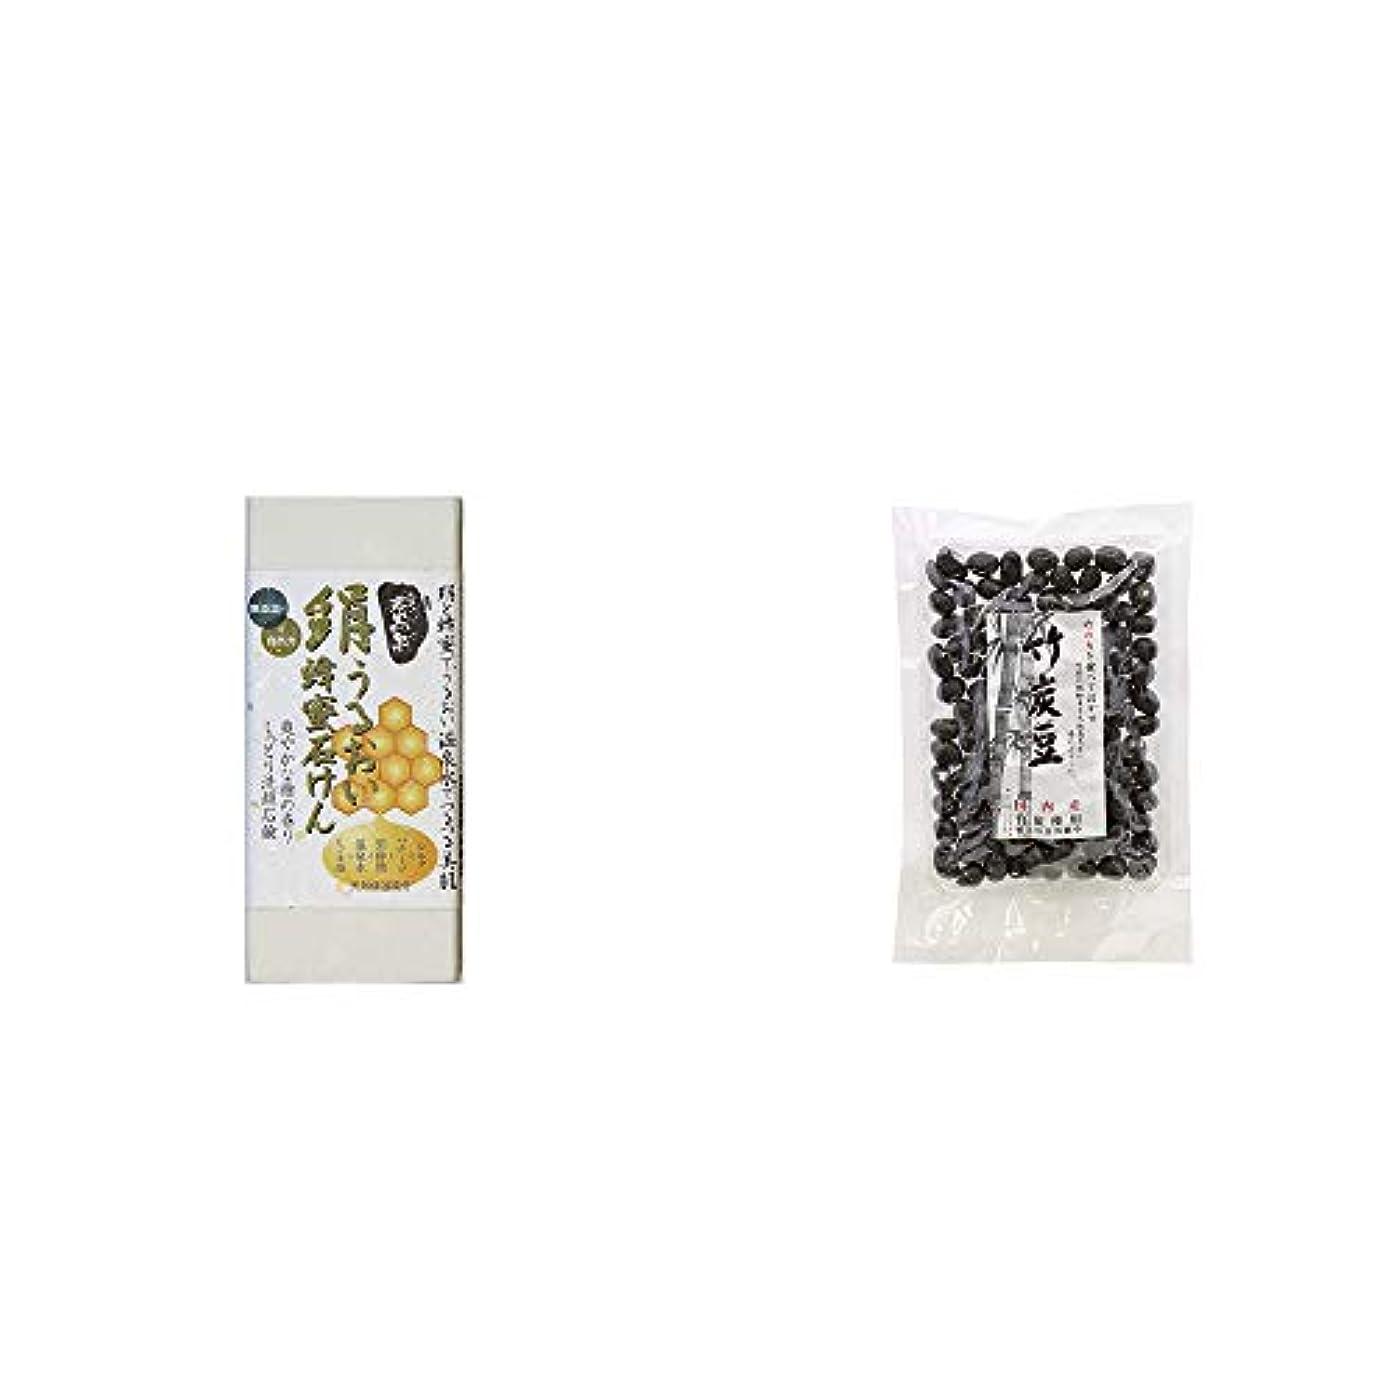 悪の妖精呪われた[2点セット] ひのき炭黒泉 絹うるおい蜂蜜石けん(75g×2)?国内産 竹炭使用 竹炭豆(160g)